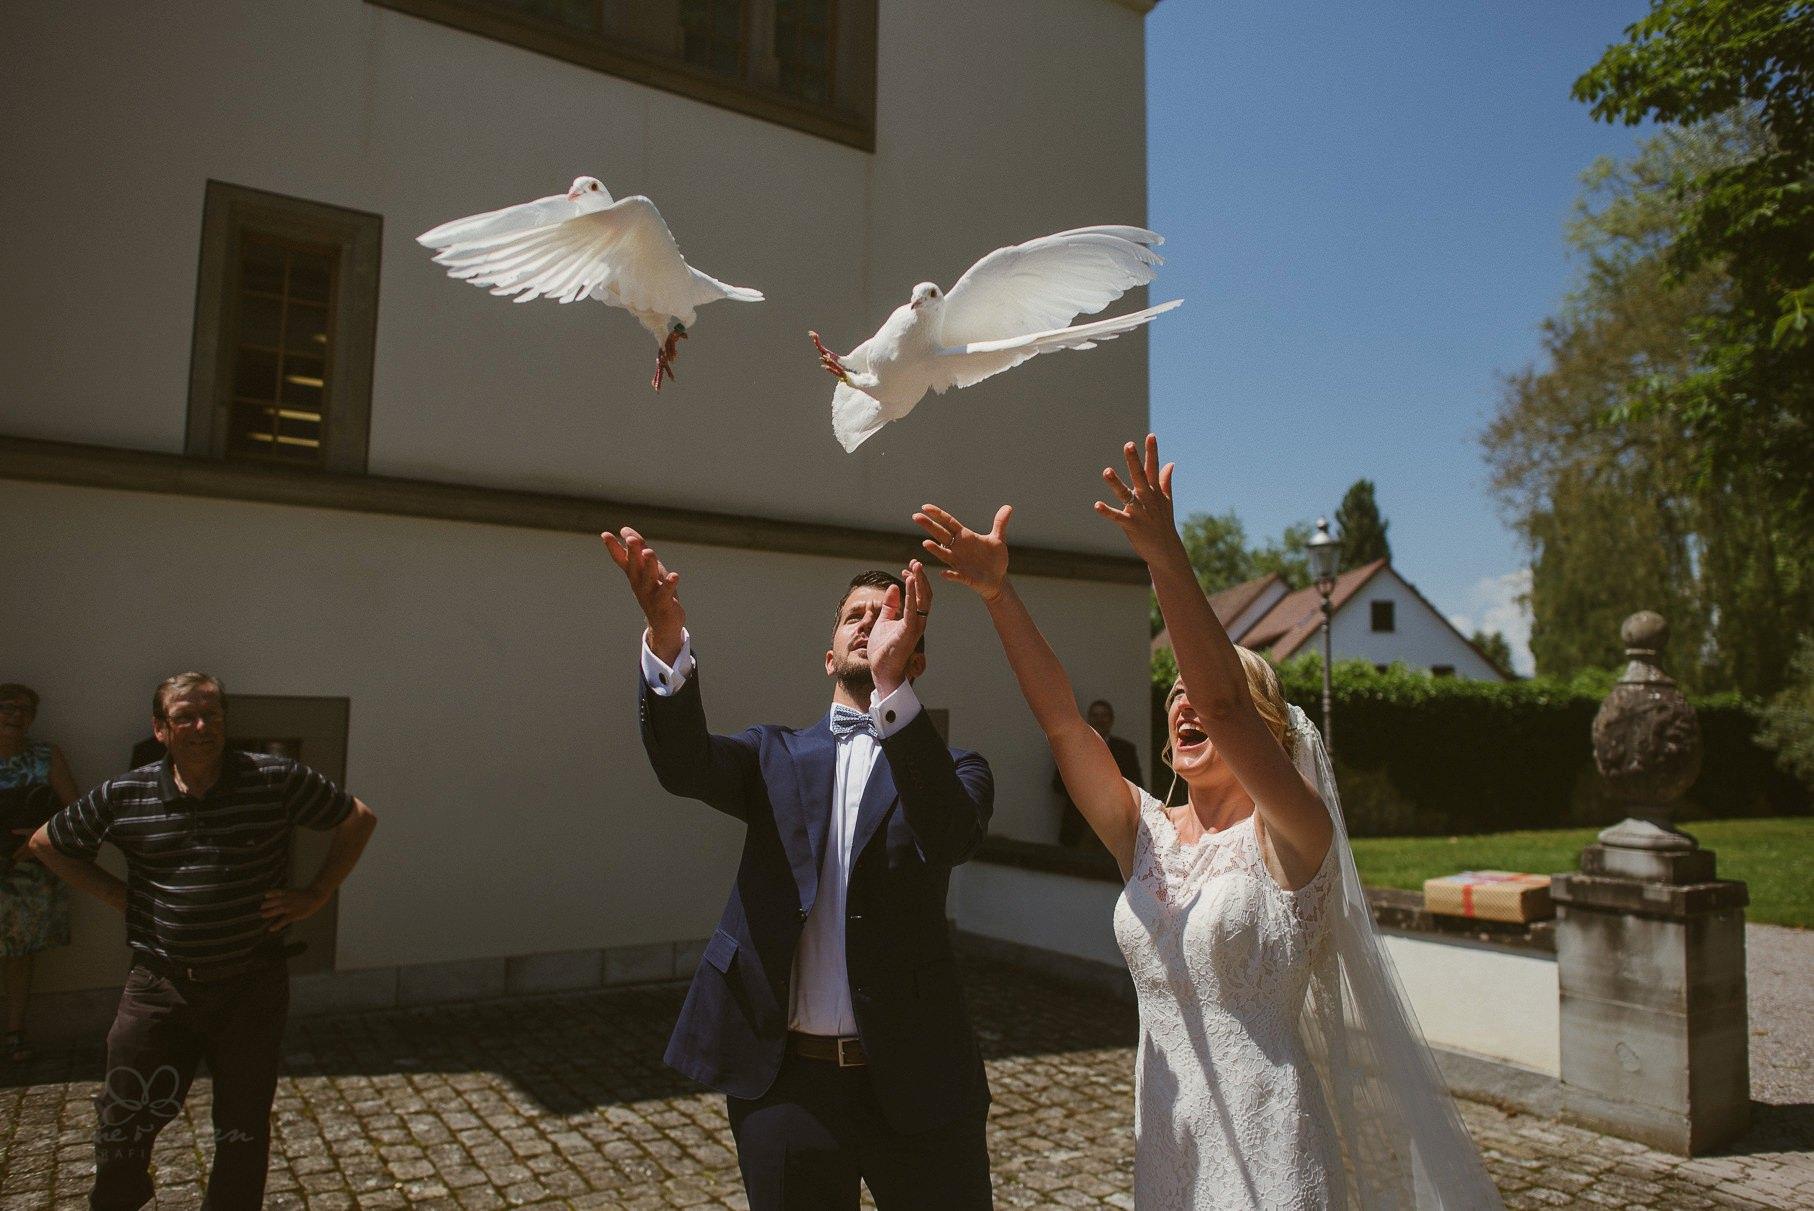 0059 anne und bjoern hochzeit schweiz d75 0307 - DIY Hochzeit in der Schweiz - Sabrina & Christoph